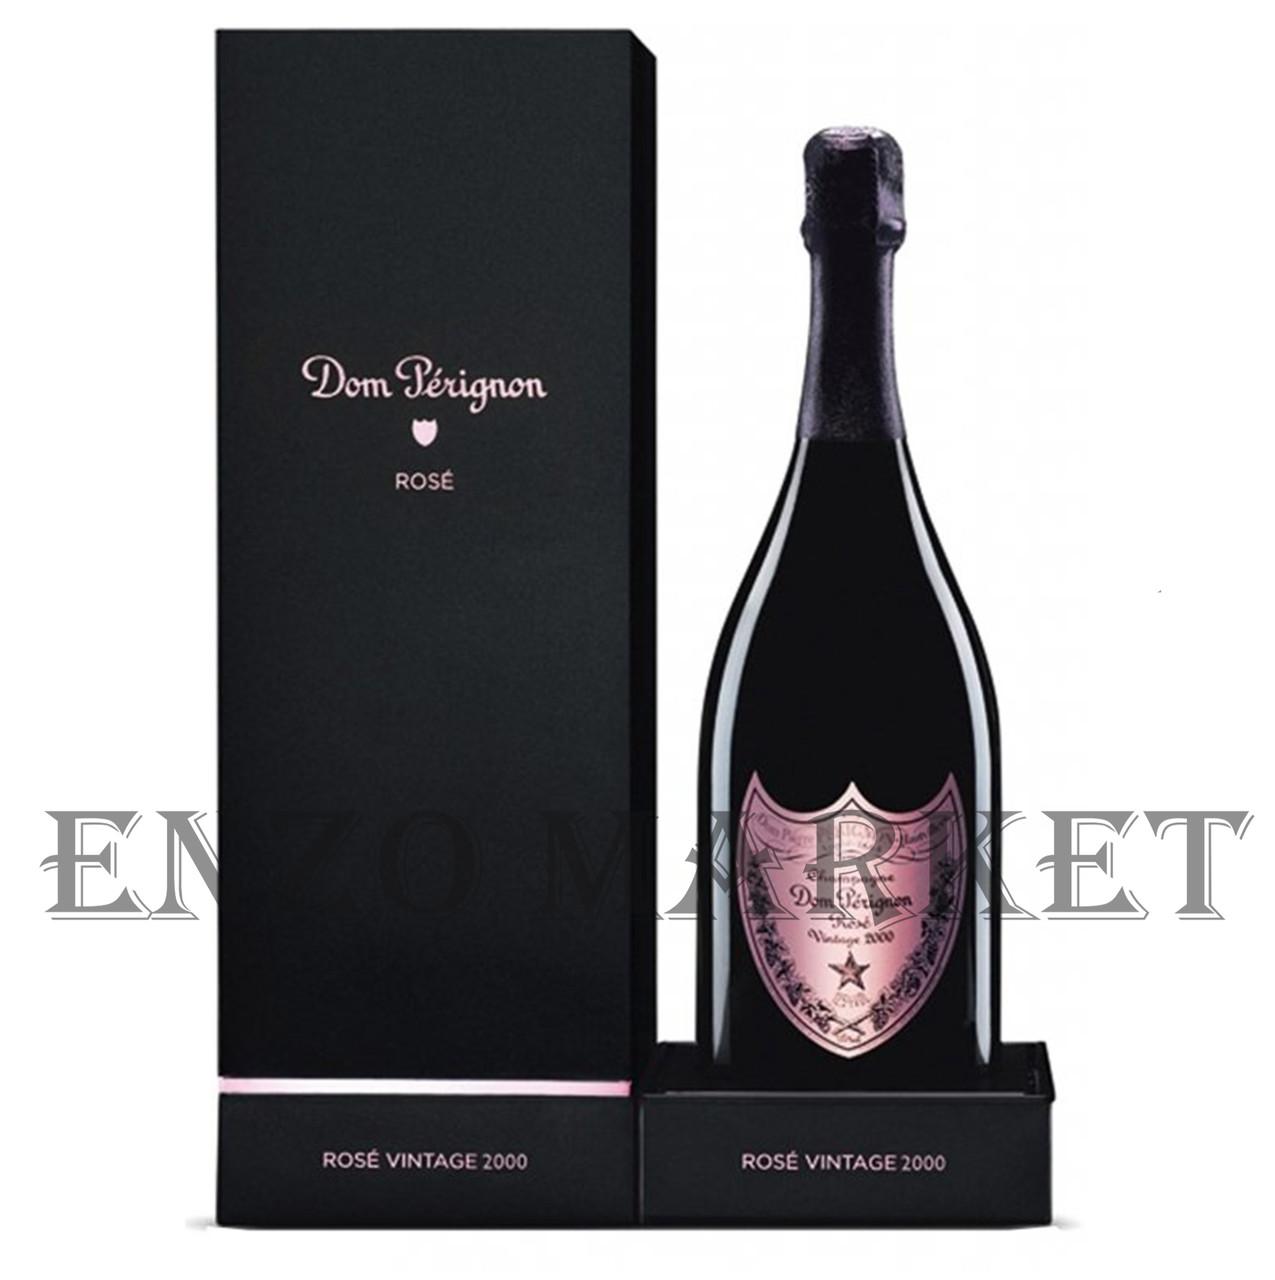 Шампанское Dom Perignon Rose 2005 (Дом Переньйон Розе 2005) 12.5%, 0,75 литра